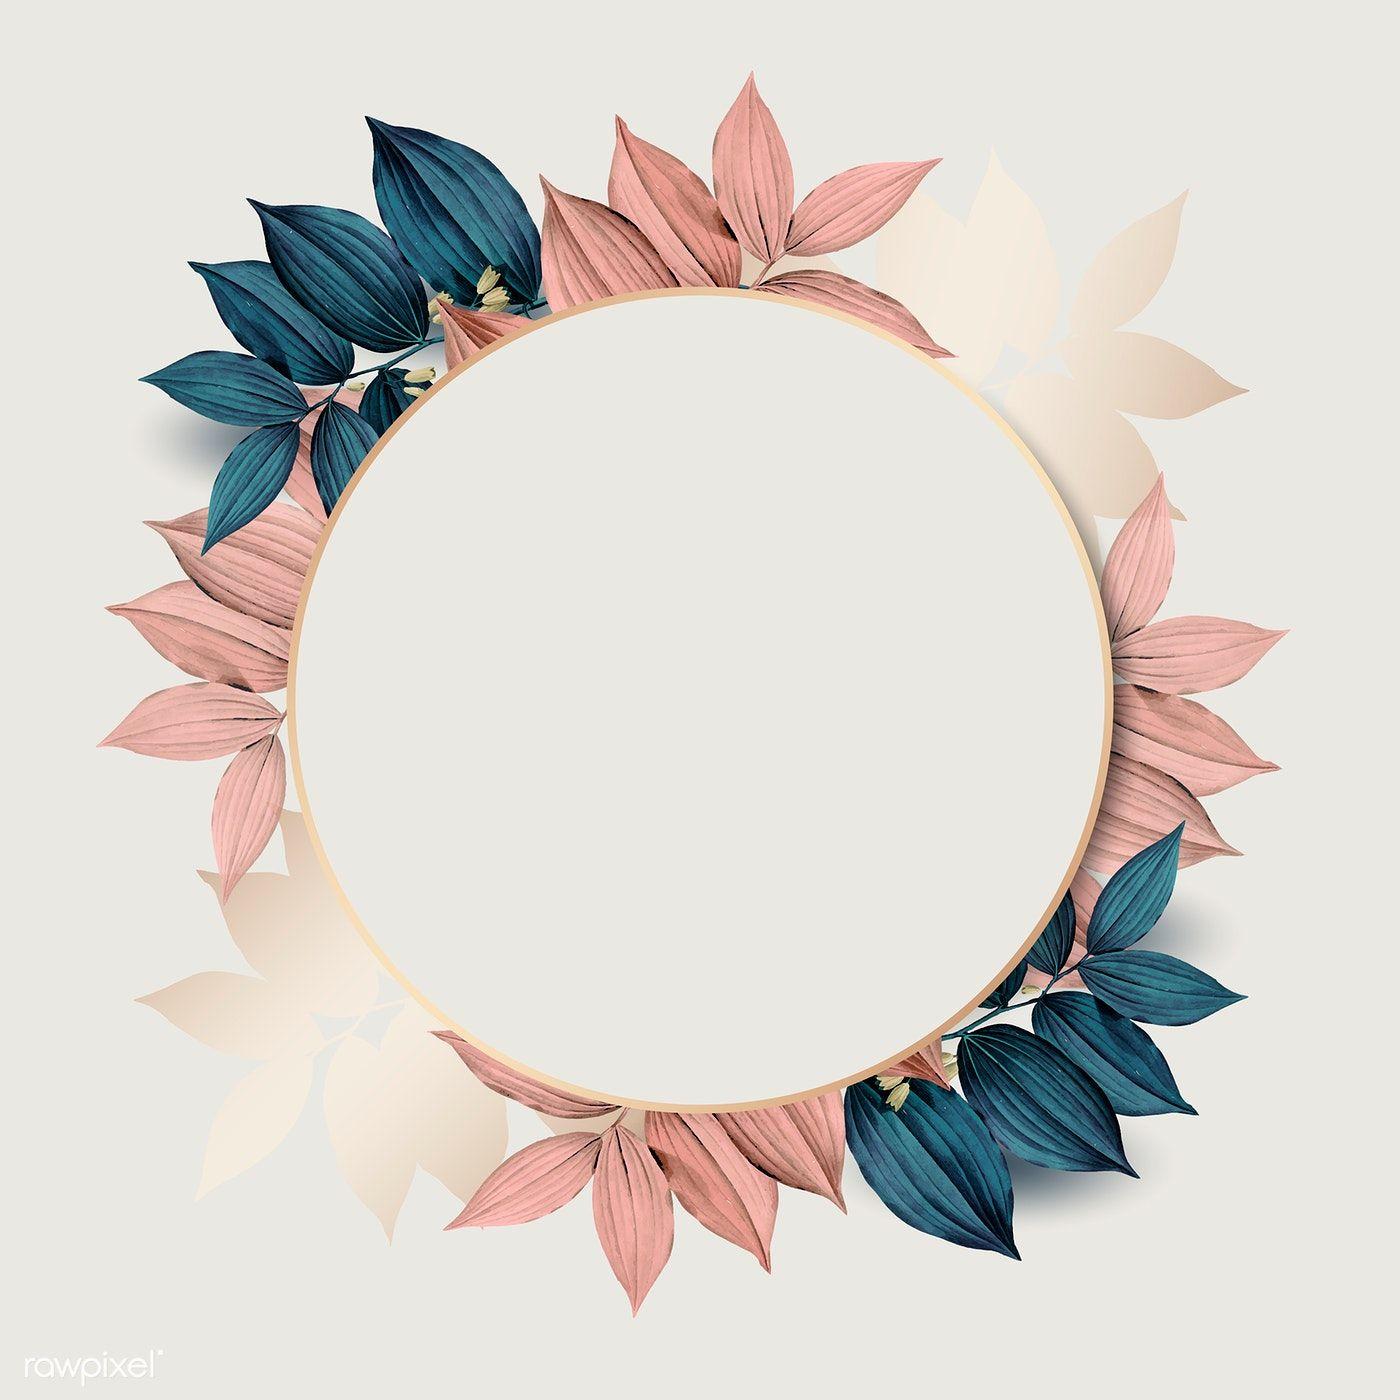 Download premium illustration of Round gold frame on pink and blue leaf